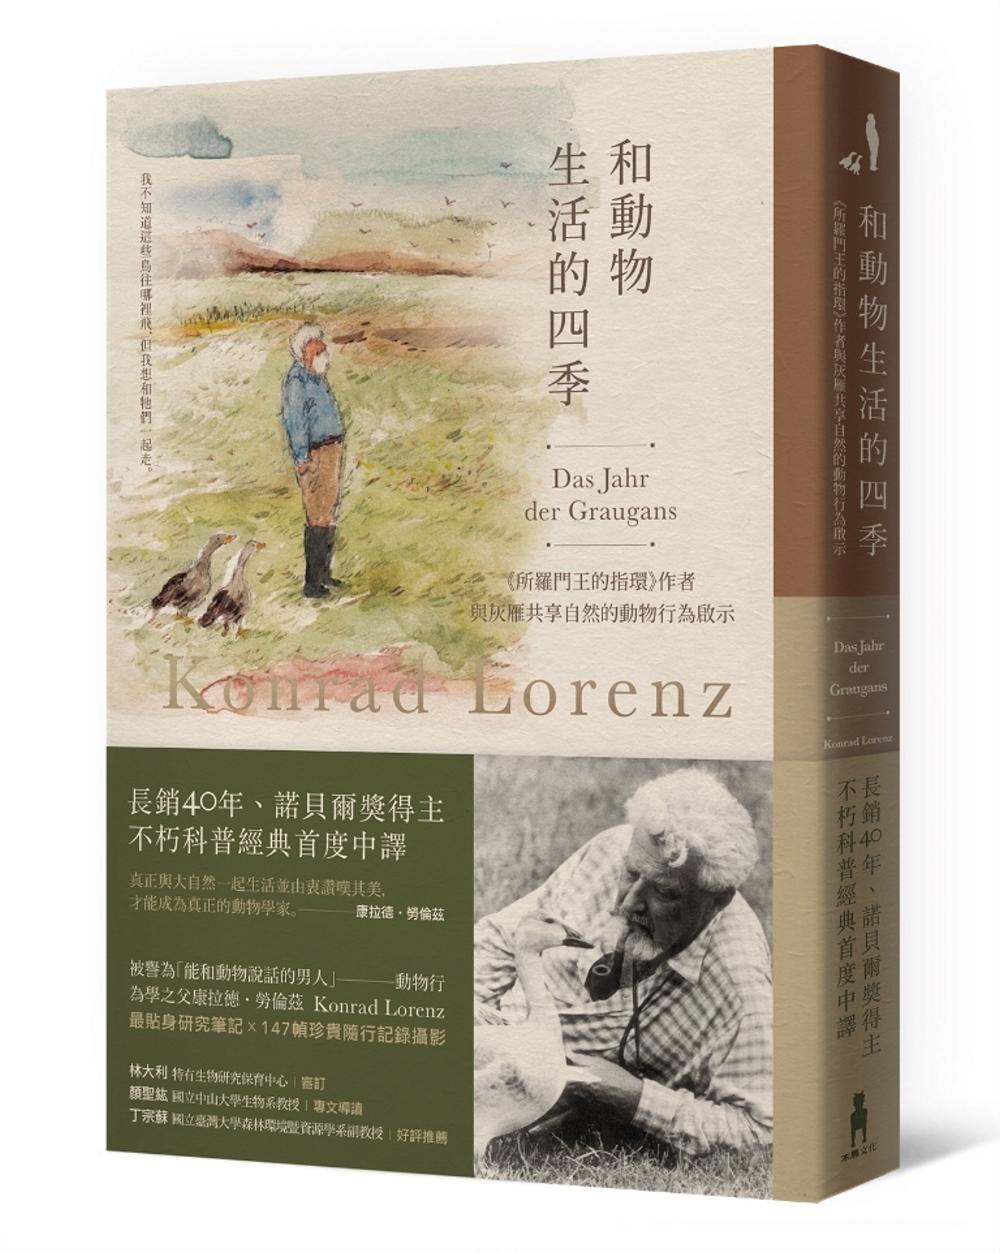 和動物生活的四季:《所羅門王的指環》作者與灰雁共享自然的動物行為啟示【動物行為學之父、諾貝爾獎得主科普經典首度中譯】